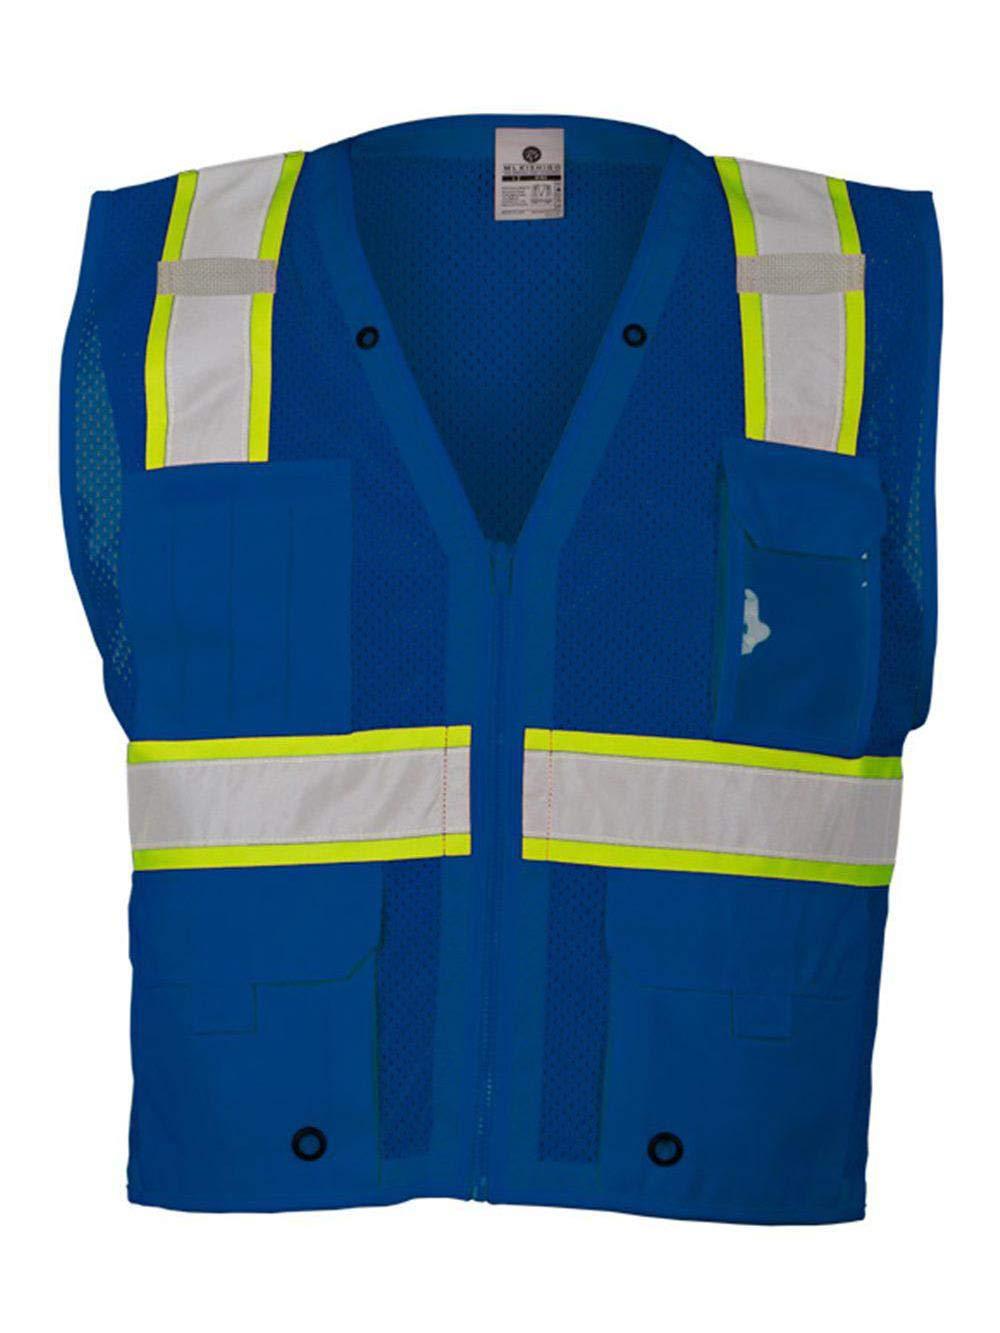 ML Kishigo Men's Enhanced Visibility Multi-Pocket Mesh Vest - Royal Blue, 2XL/3XL, Model Number B102-2X-3X by ML Kishigo